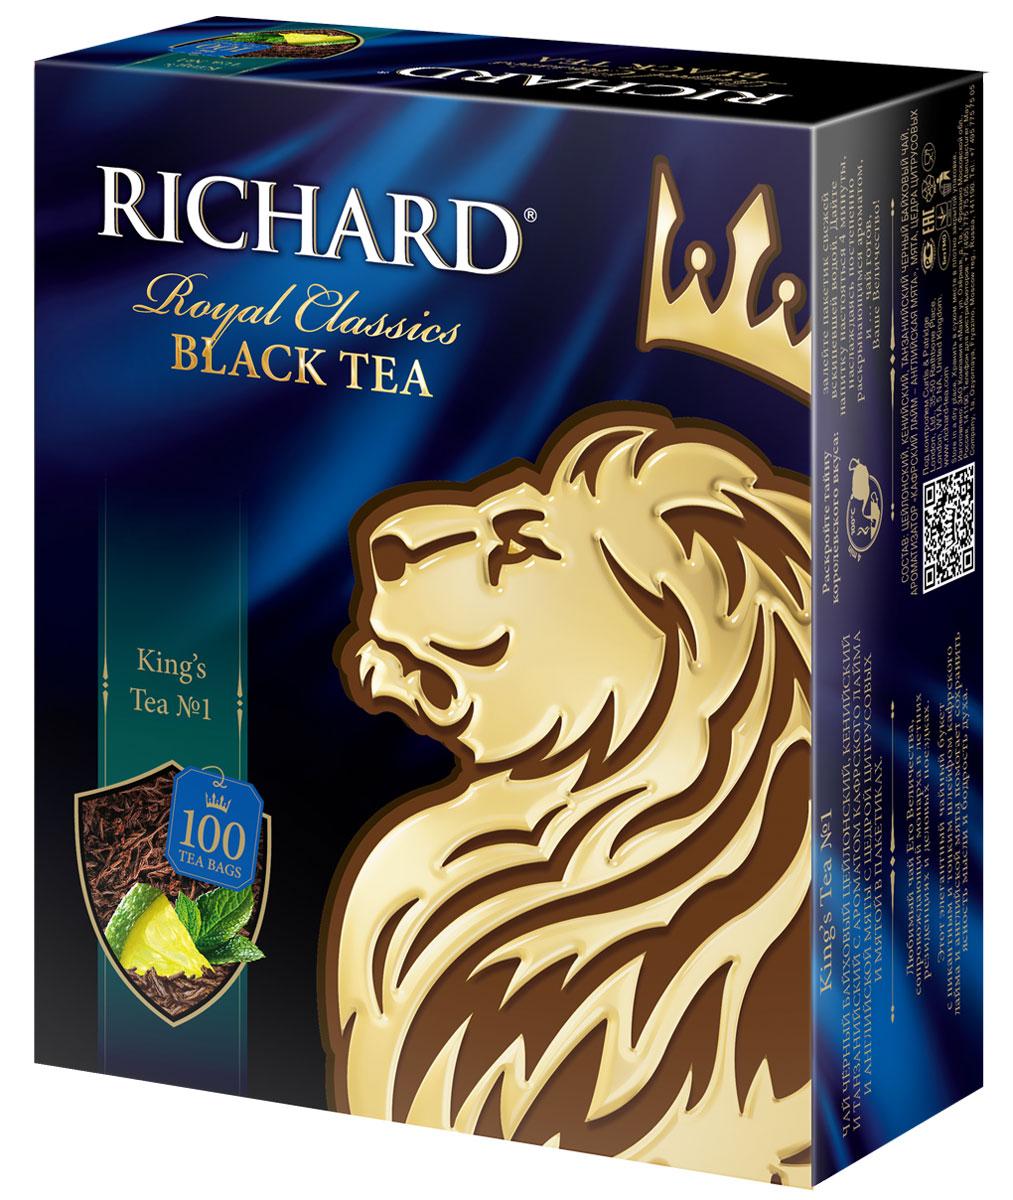 Richard Kings Tea №1 черный чай в пакетиках, 100 шт0120710Richard Kings Tea №1 - черный байховый чай из различных регионов (цейлонский, кенийский и танзанийский) с ароматом кафрского лайма и английской мяты. Содержит также цедру цитрусовых фруктов.